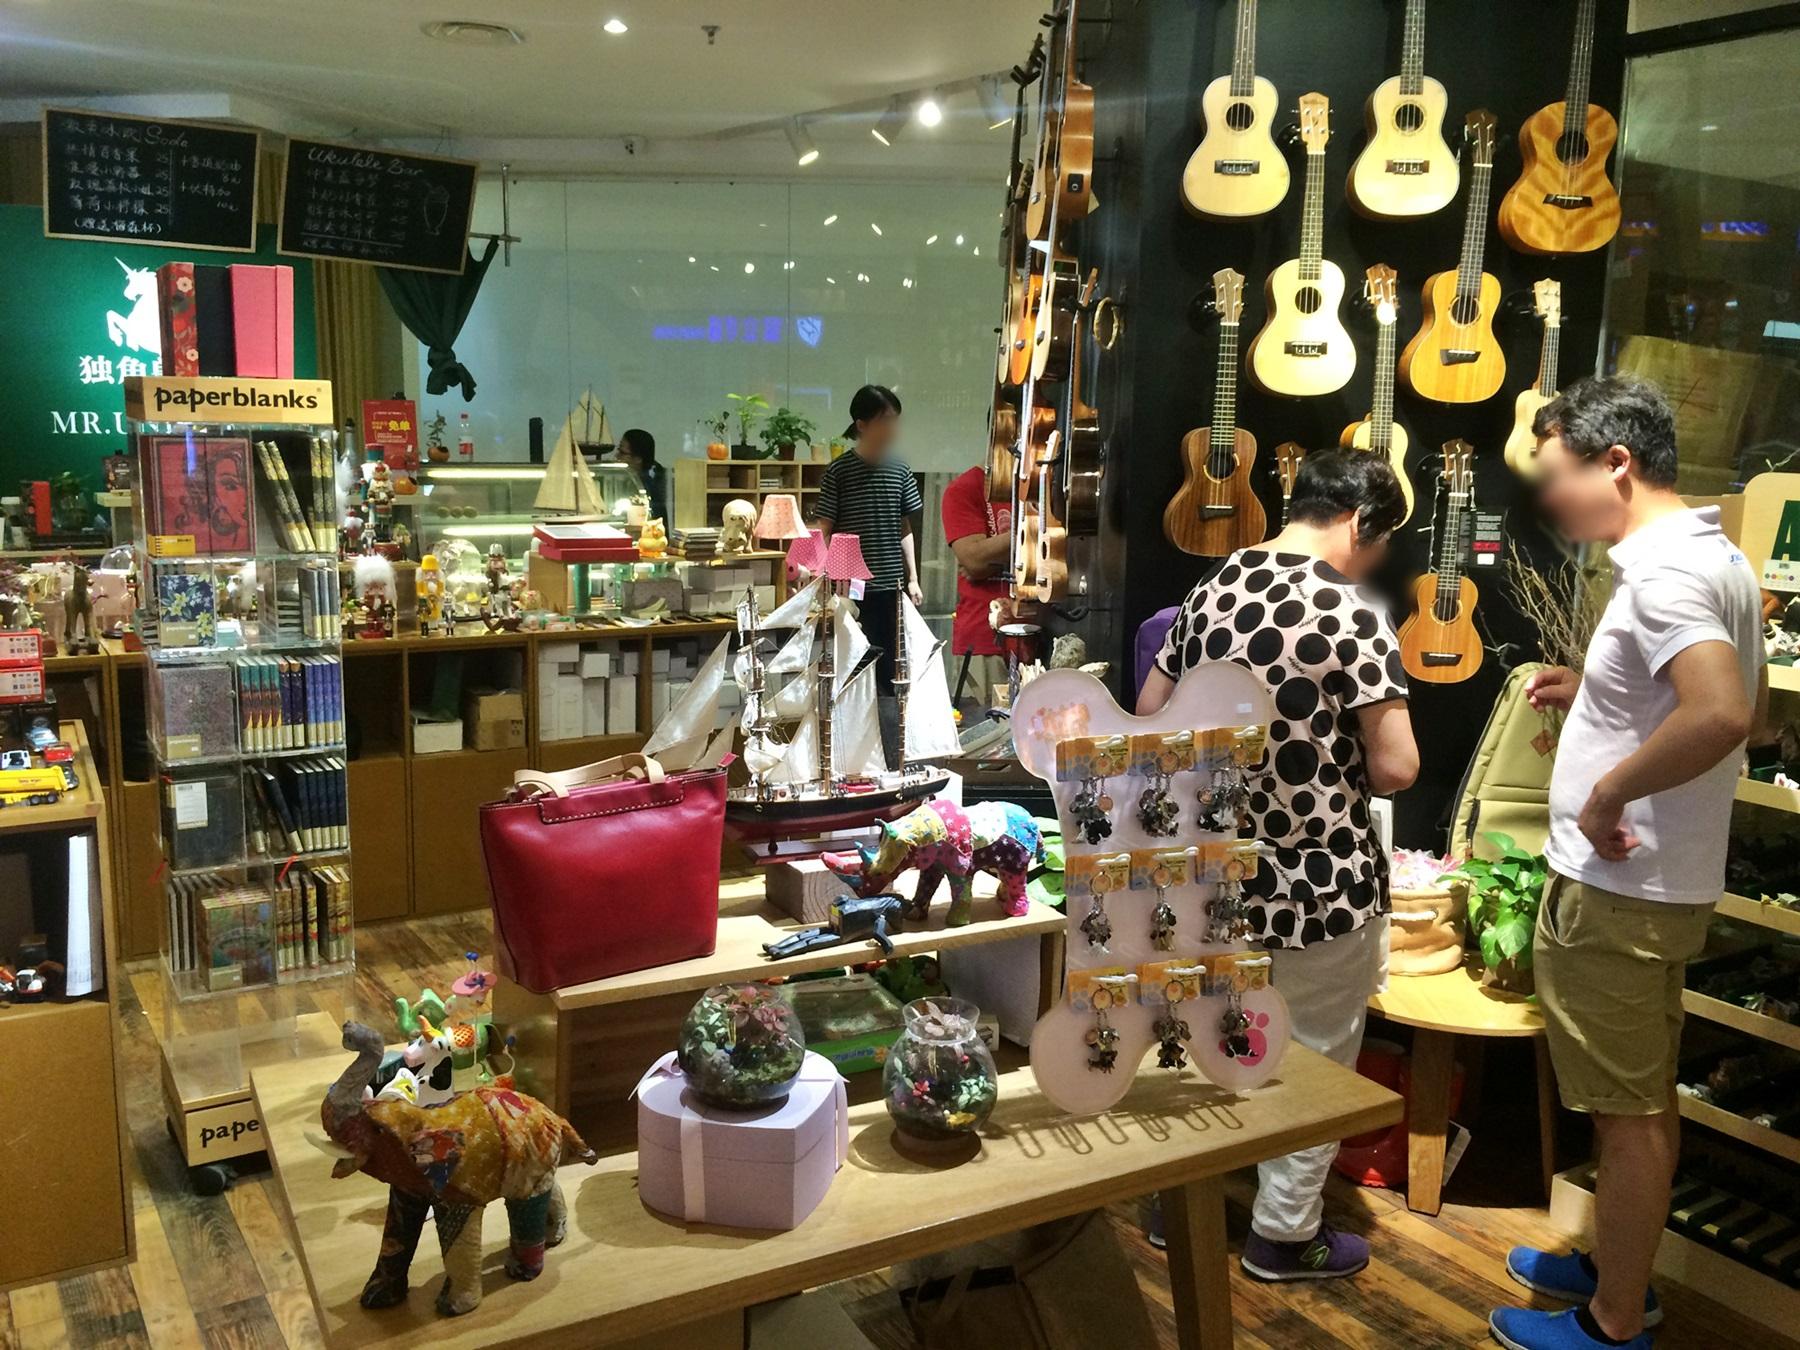 조이시티 내 악기를 판매하는 가게 ©정창윤